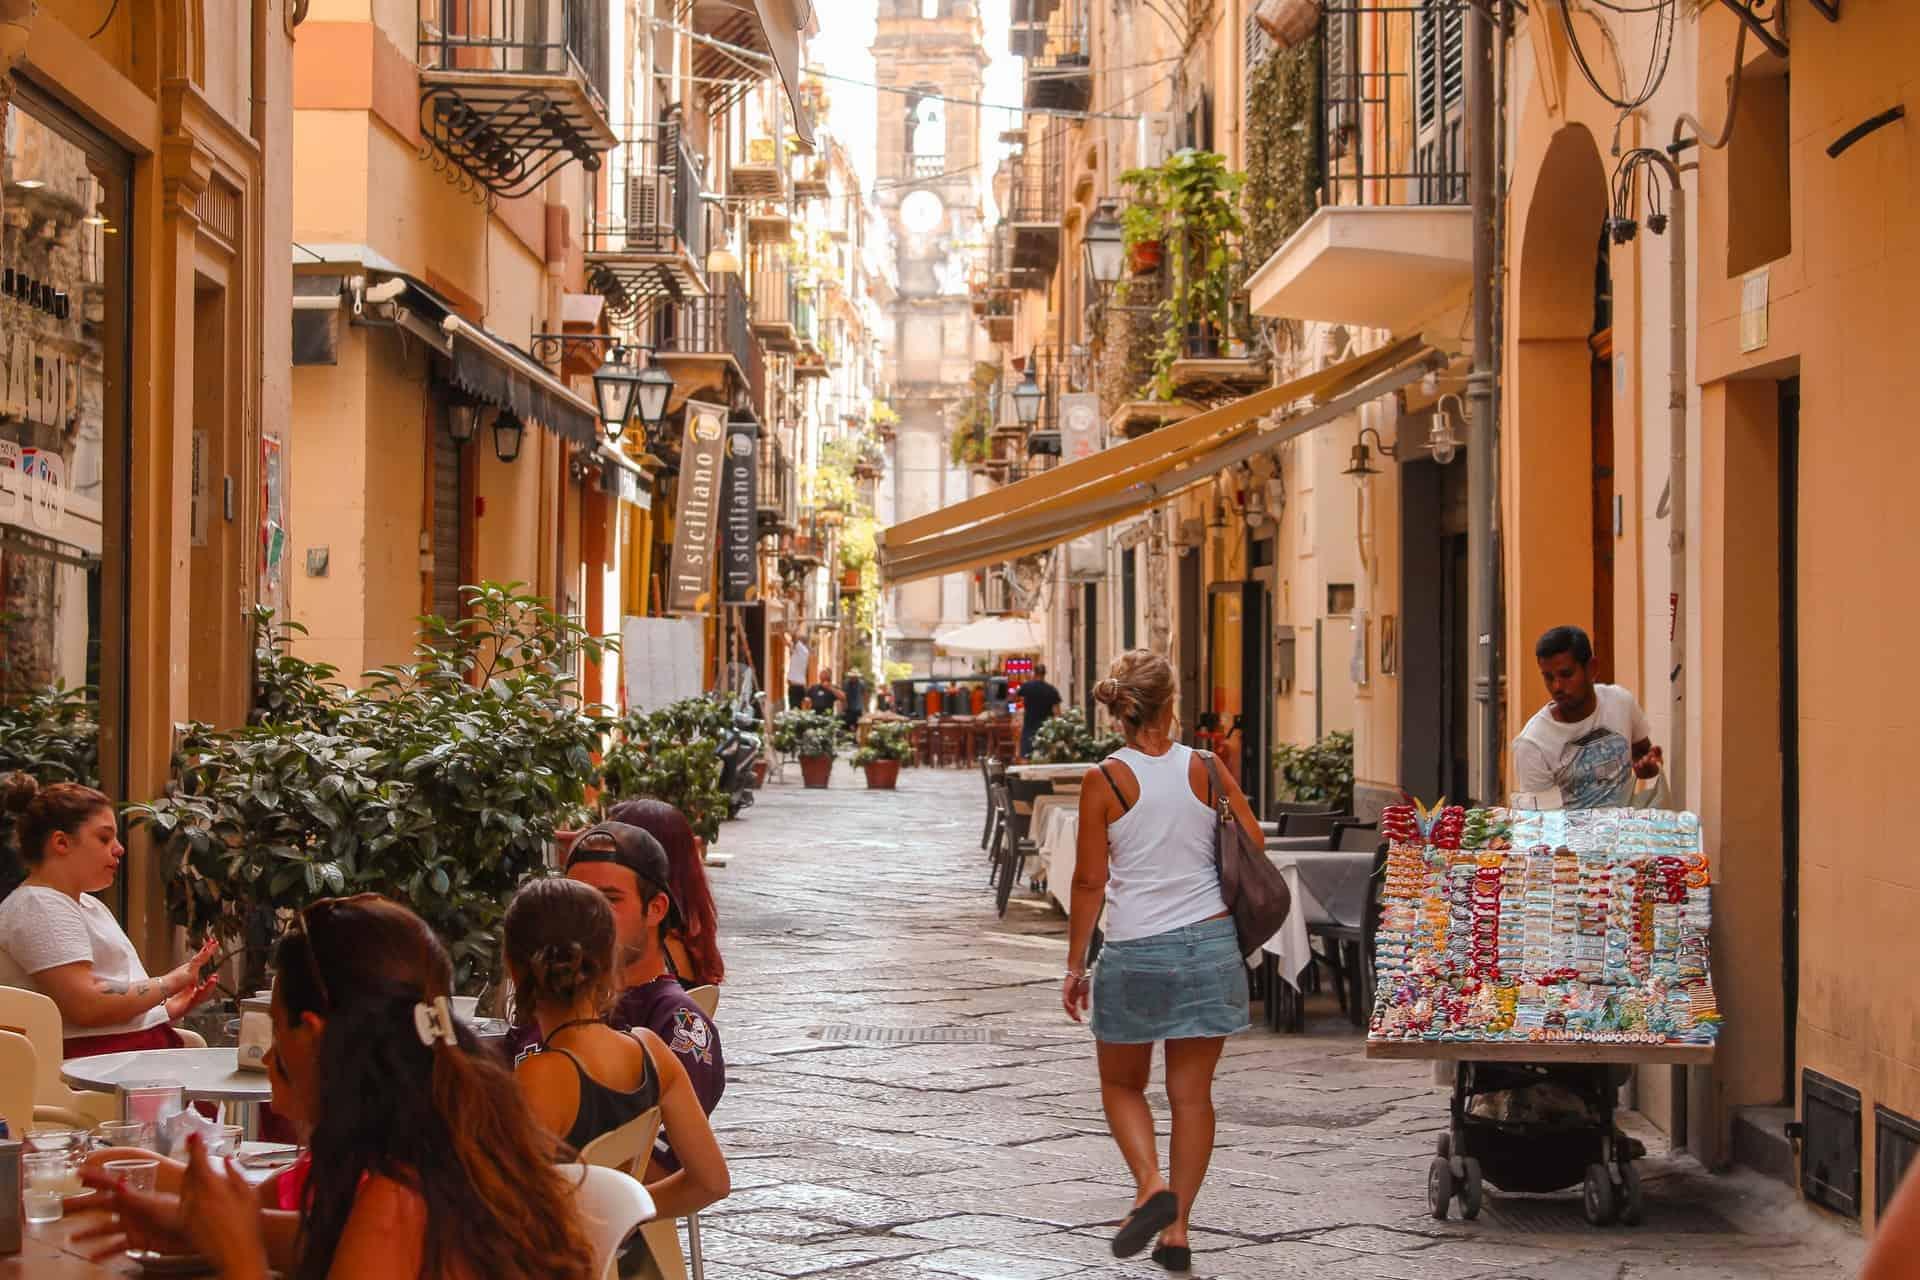 Reapertura al turismo en Italia sería posible a partir de mediados de mayo: autoridades trabajan en el lanzamiento de un